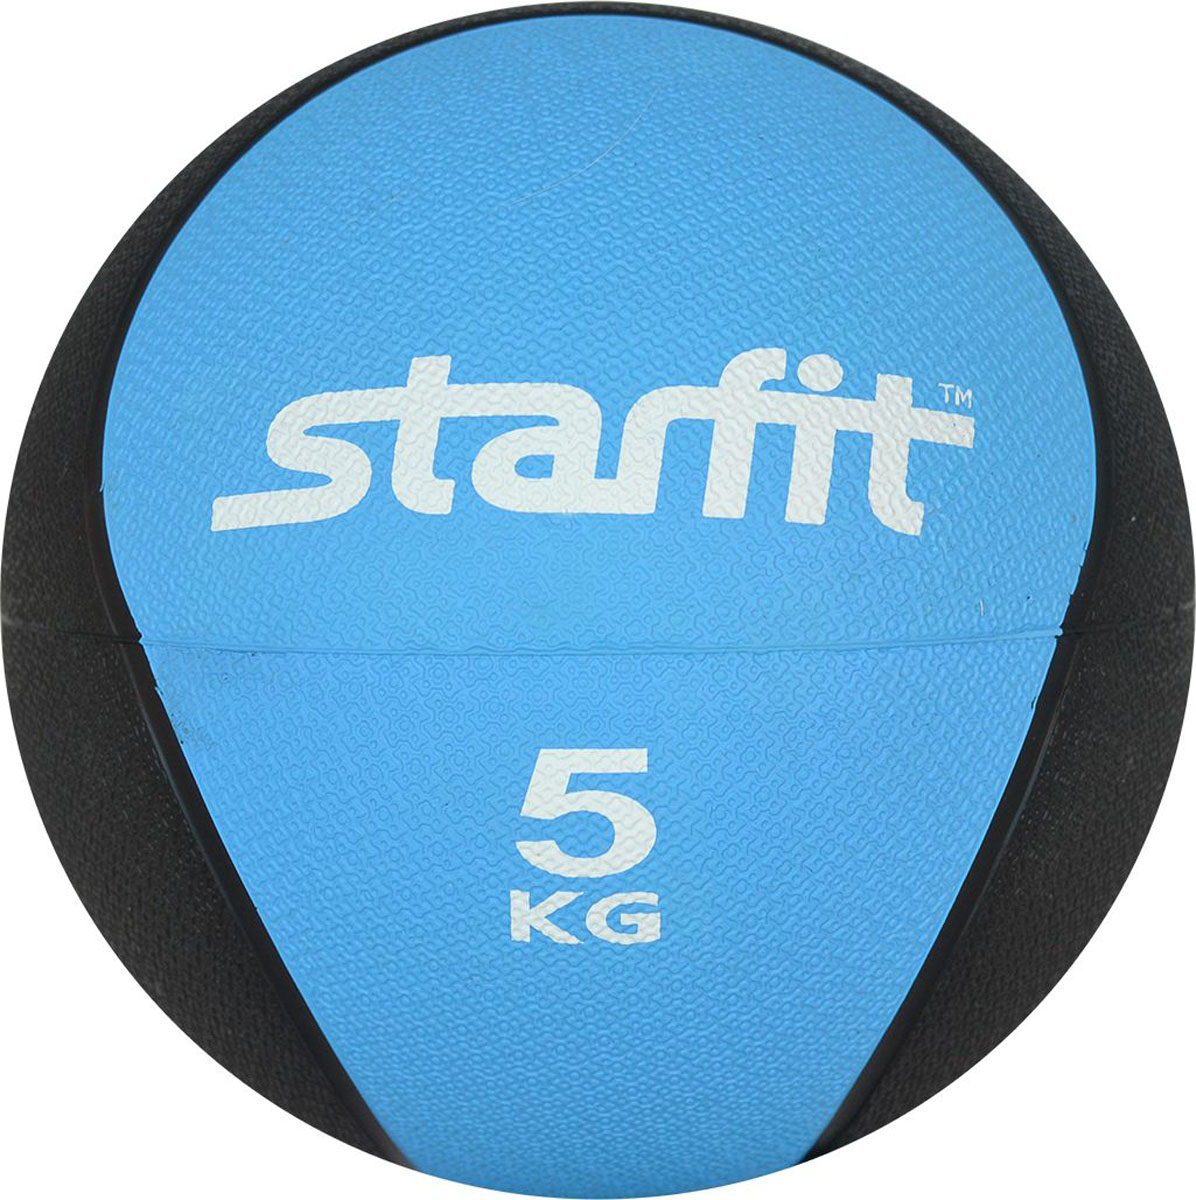 Медицинбол Starfit Pro GB-702, цвет: синий, 5 кг купить паяльную станцию lukey 702 в украине